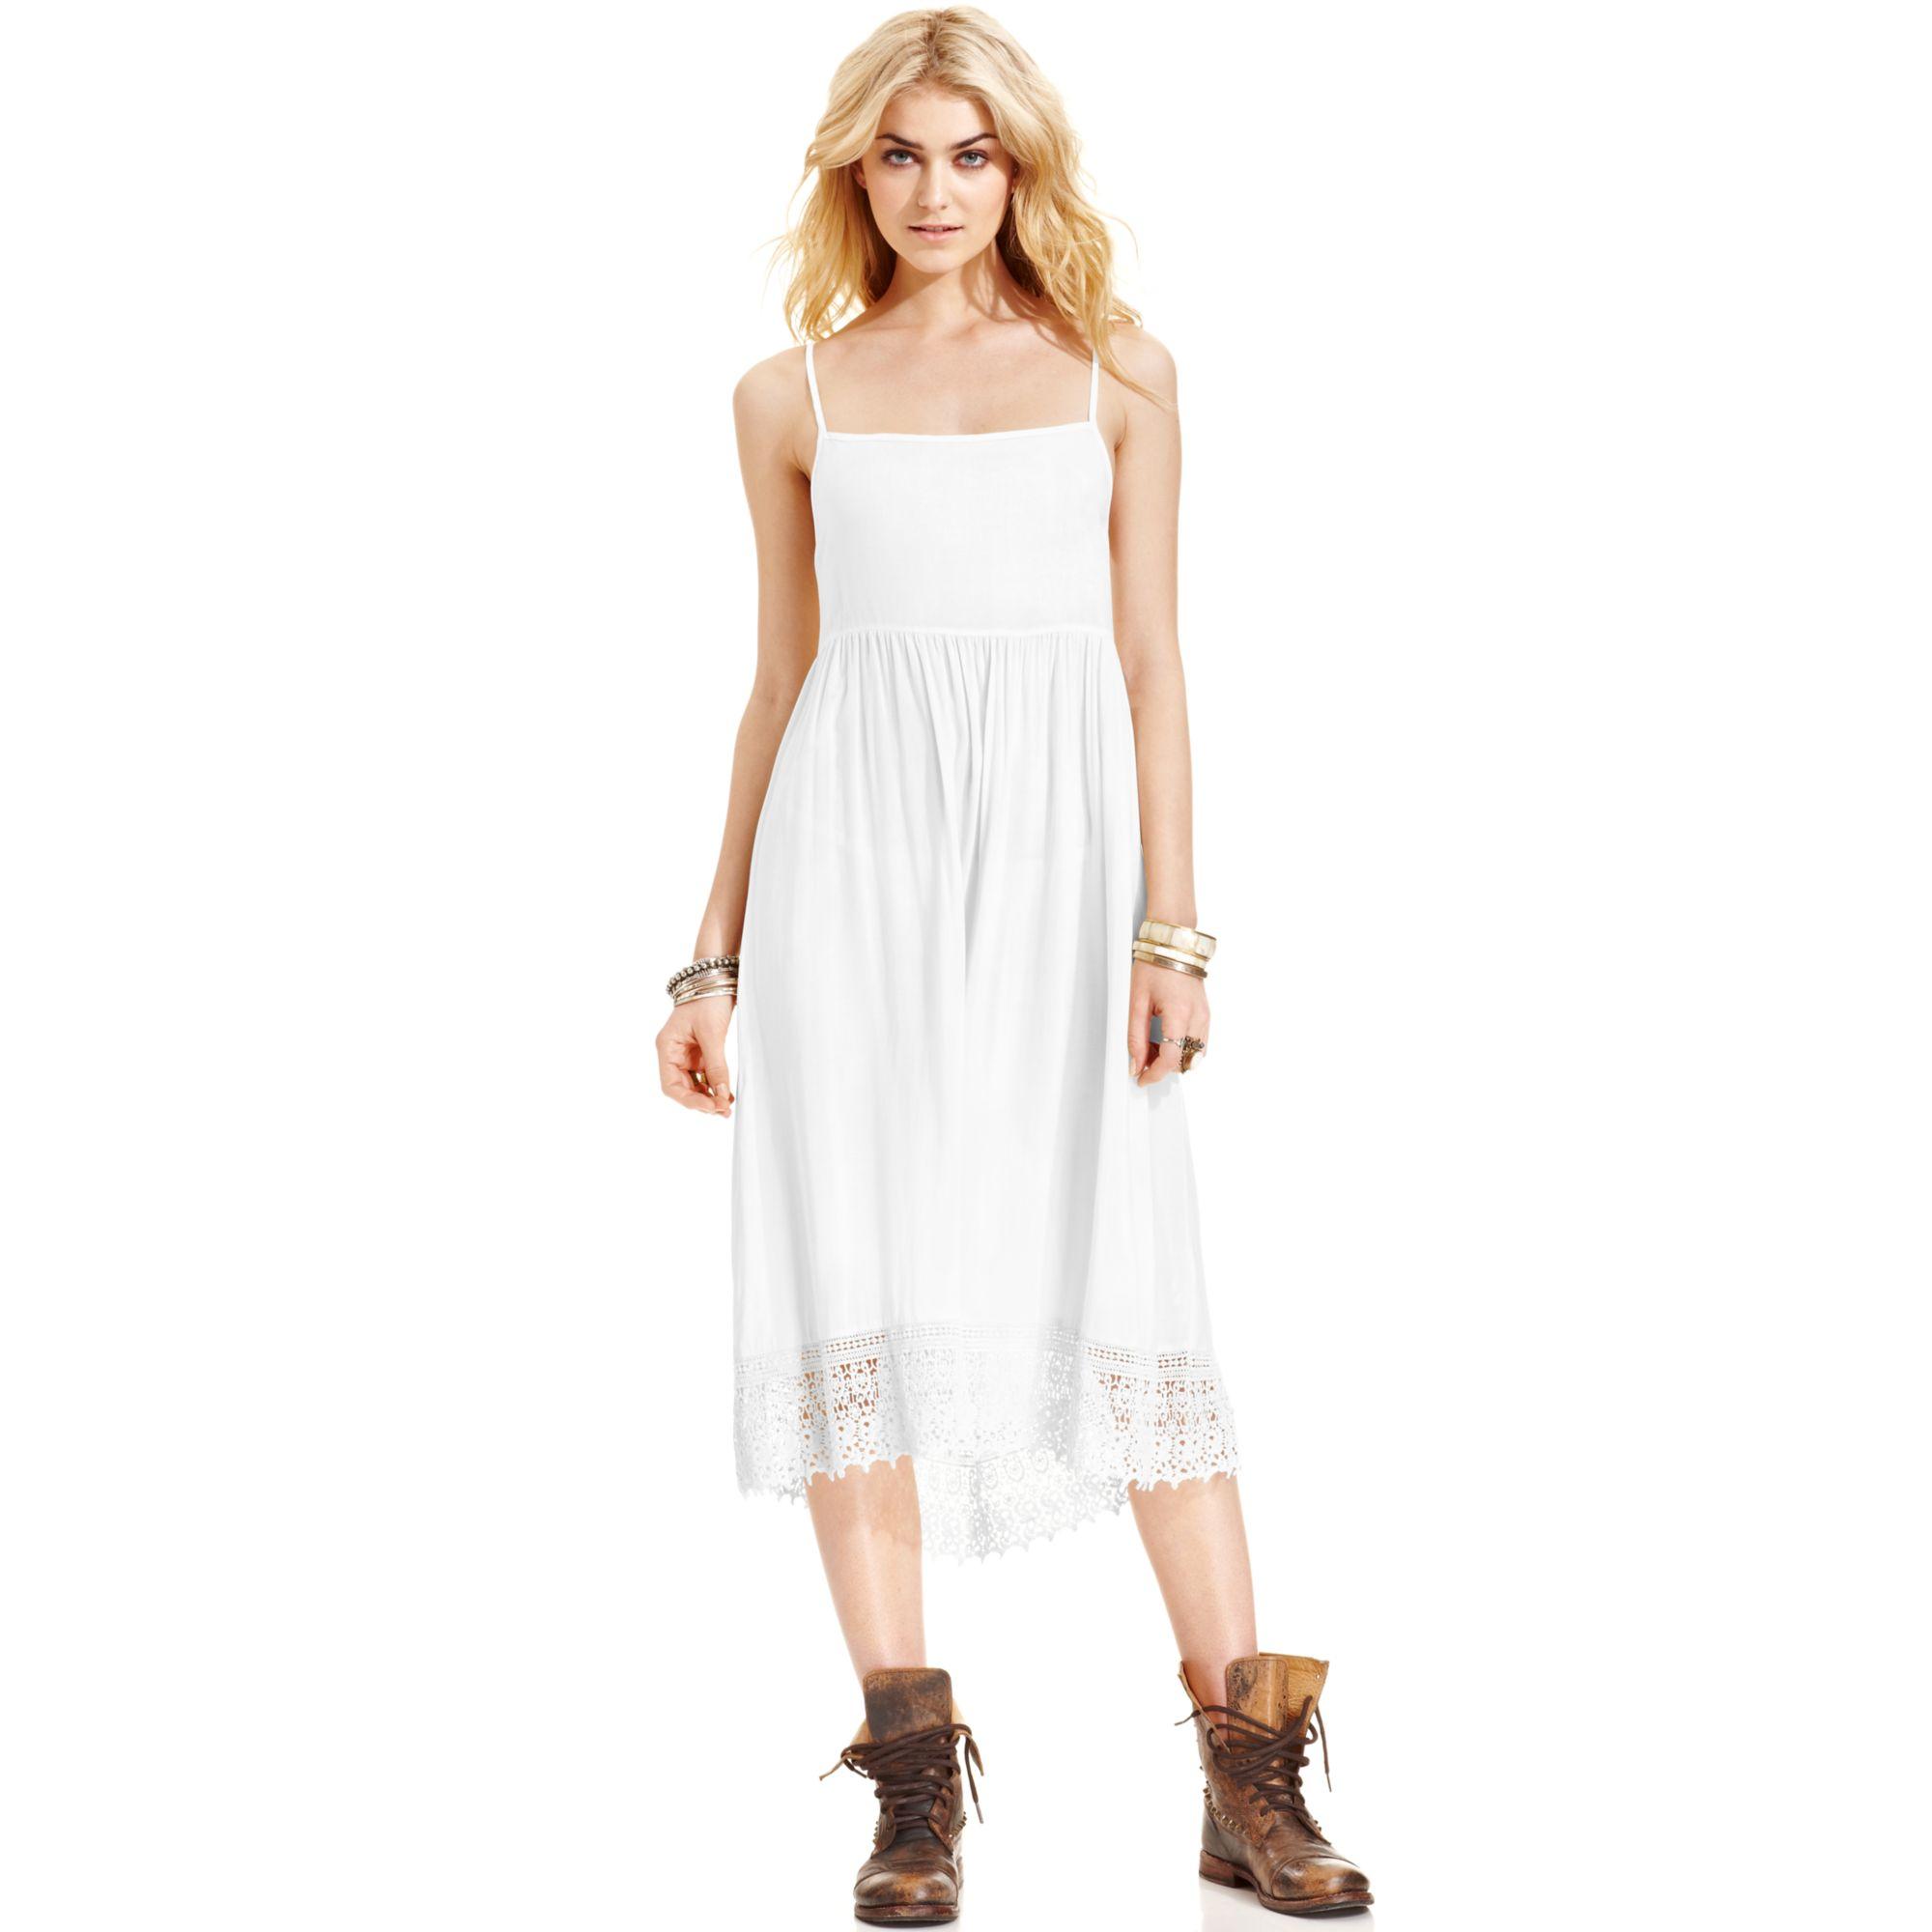 Free People Crochet Lace Dress In White Lyst